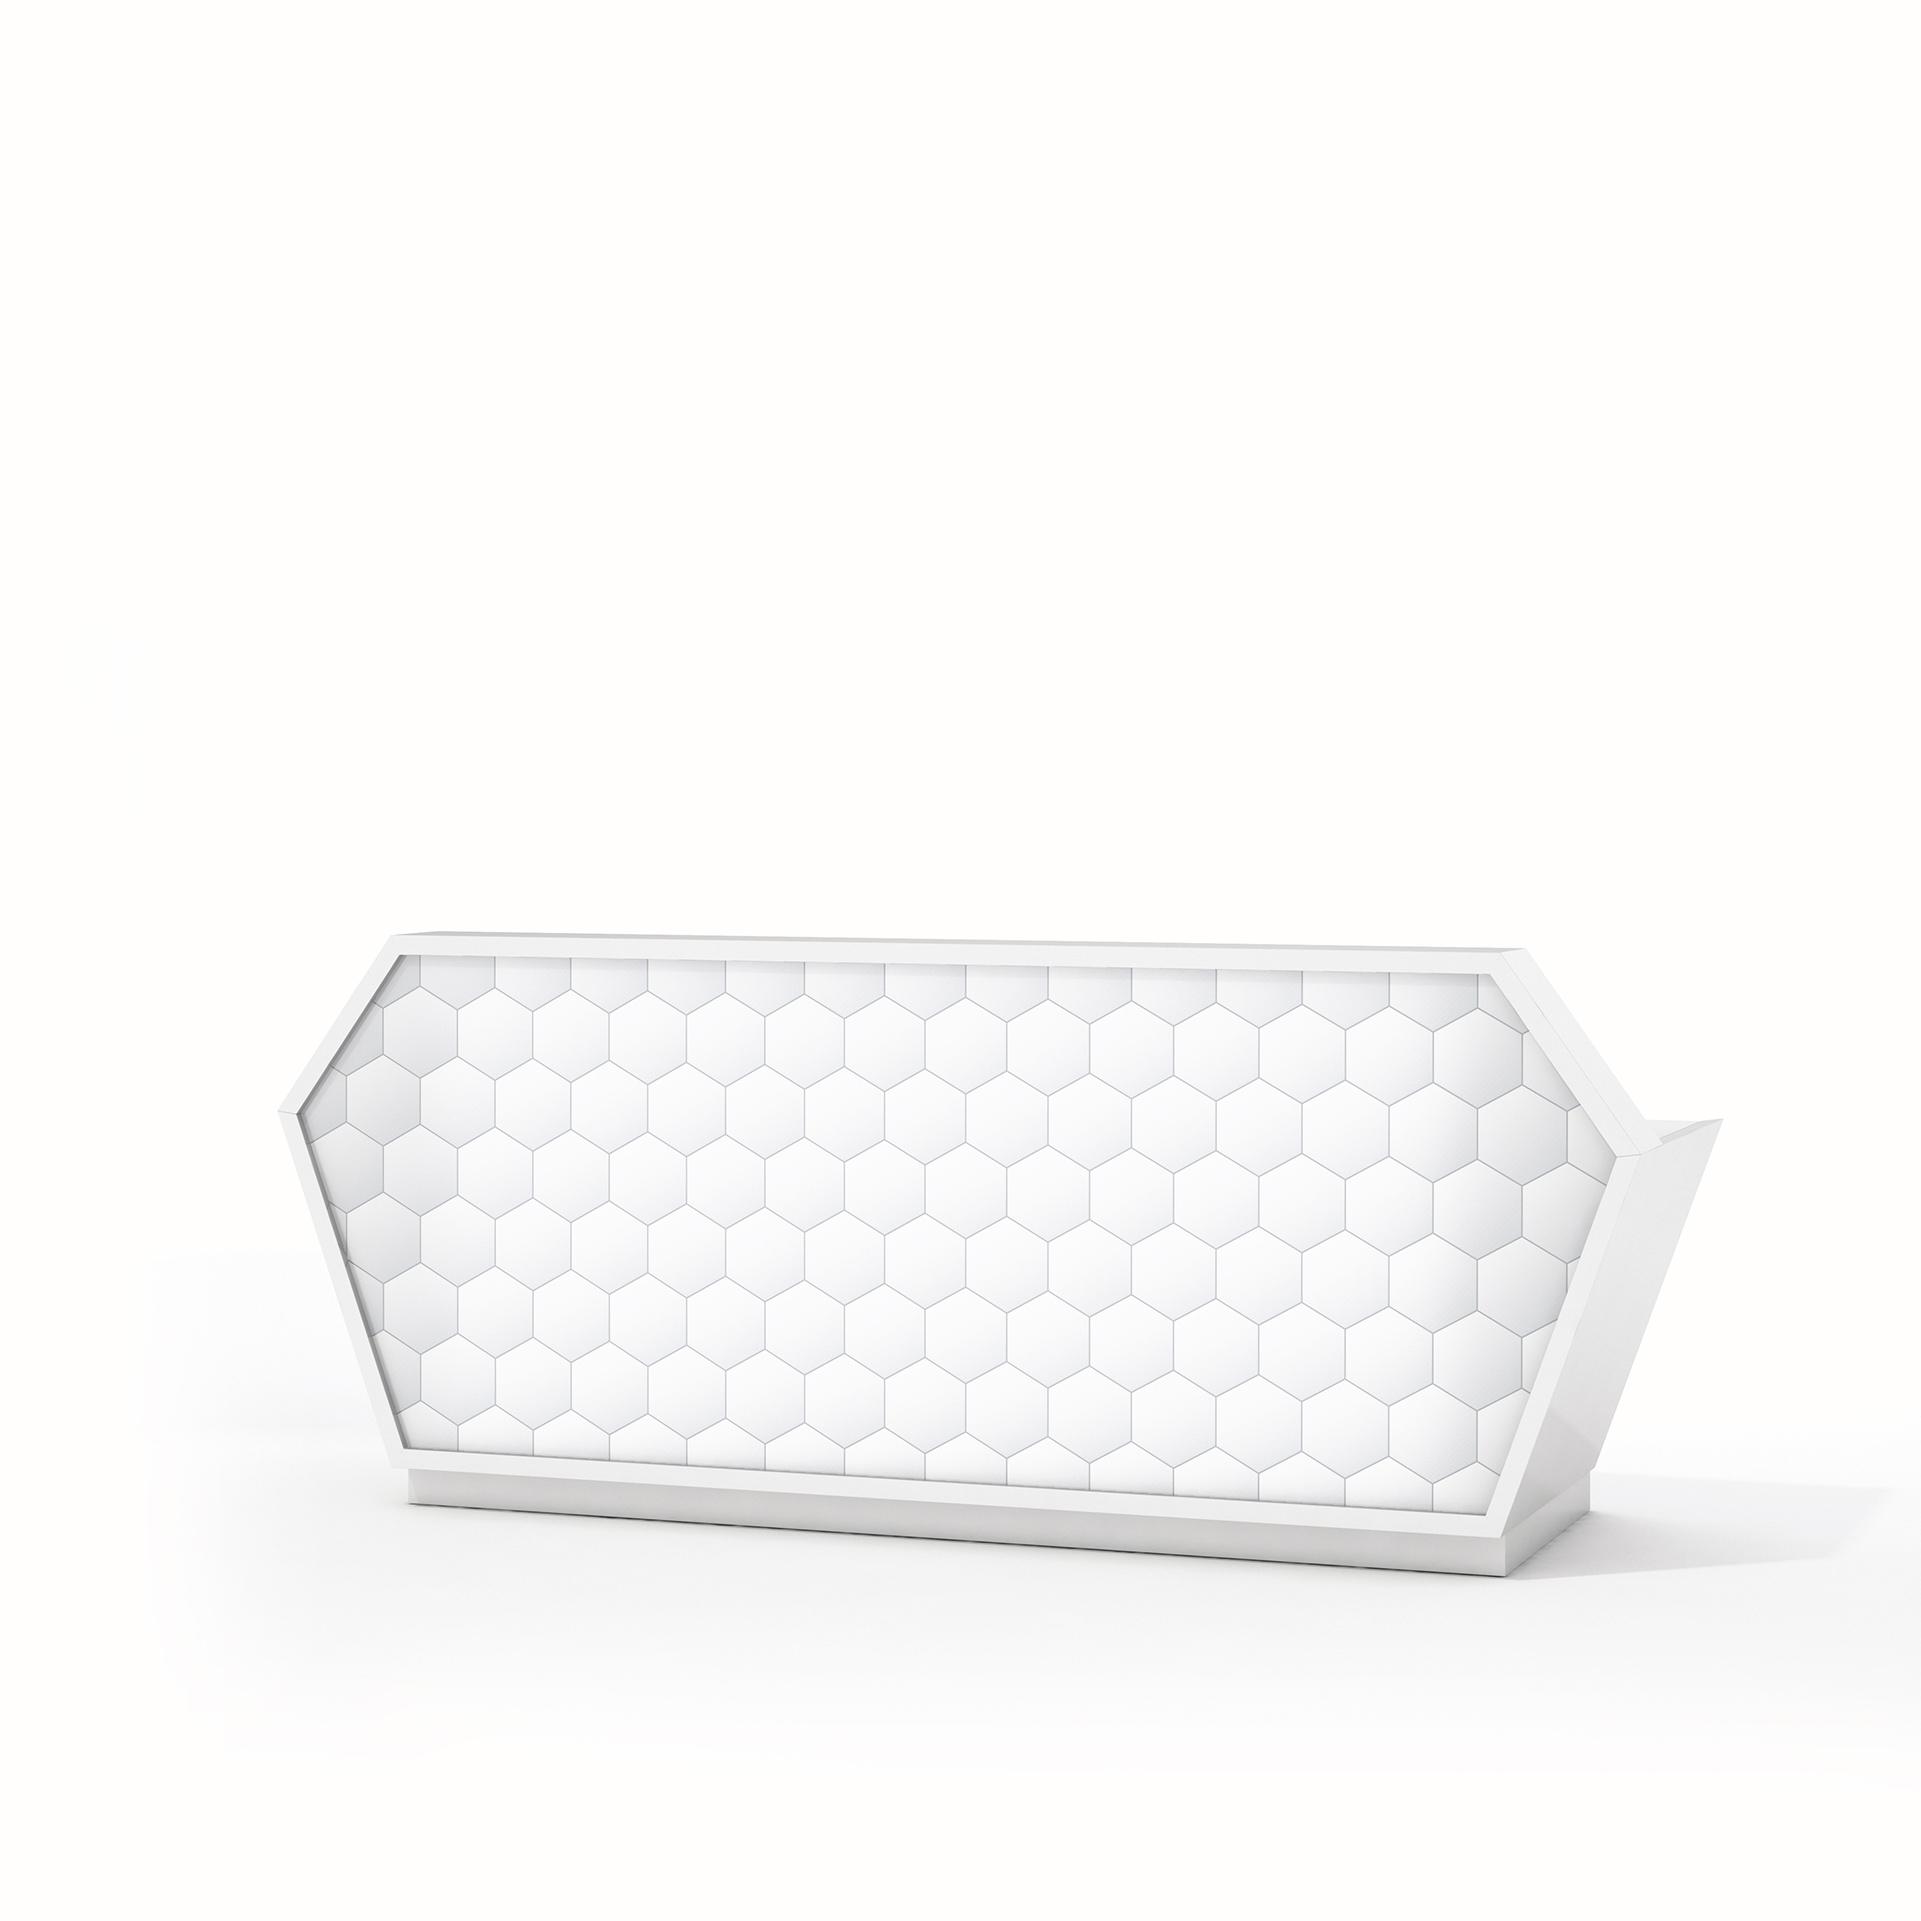 Lada recepcyjna Diamond - Producent: Wuteh, Dystrybutor: Vipservice - designerska lada do przestrzeni recepcyjnej